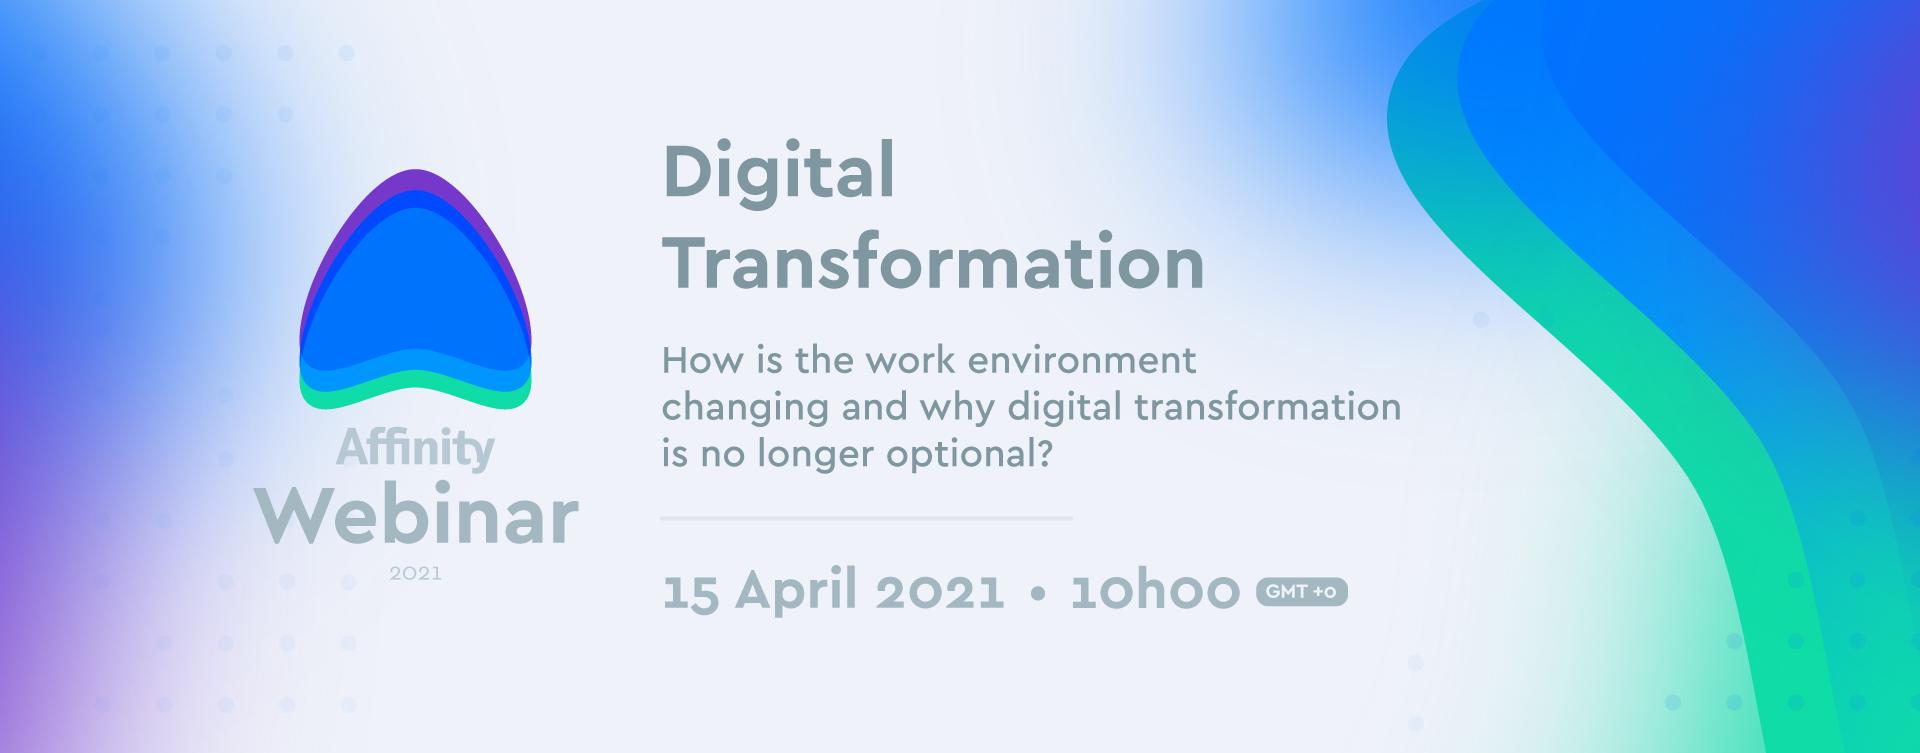 Affinity organiza Webinar sobre Transformação Digital